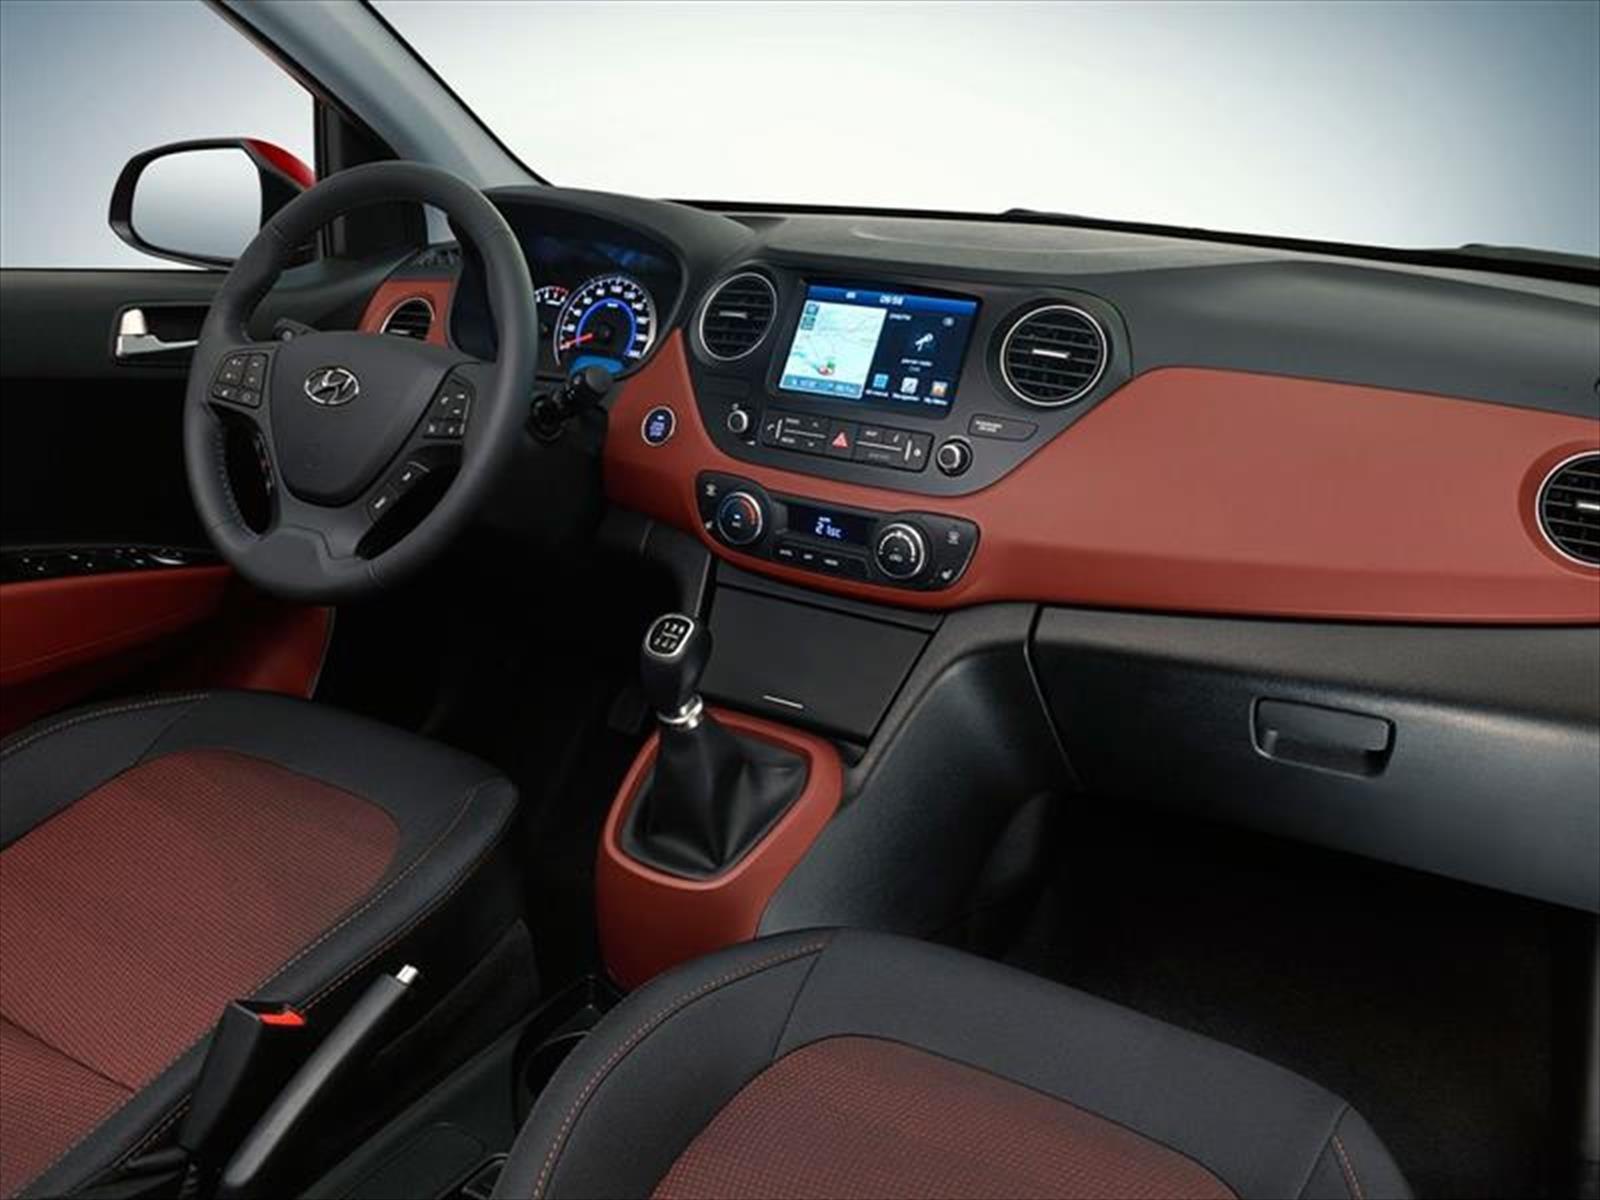 Hyundai Grand i10 Hatchback 2018 llega a México desde $160,460 pesos - Autocosmos.com